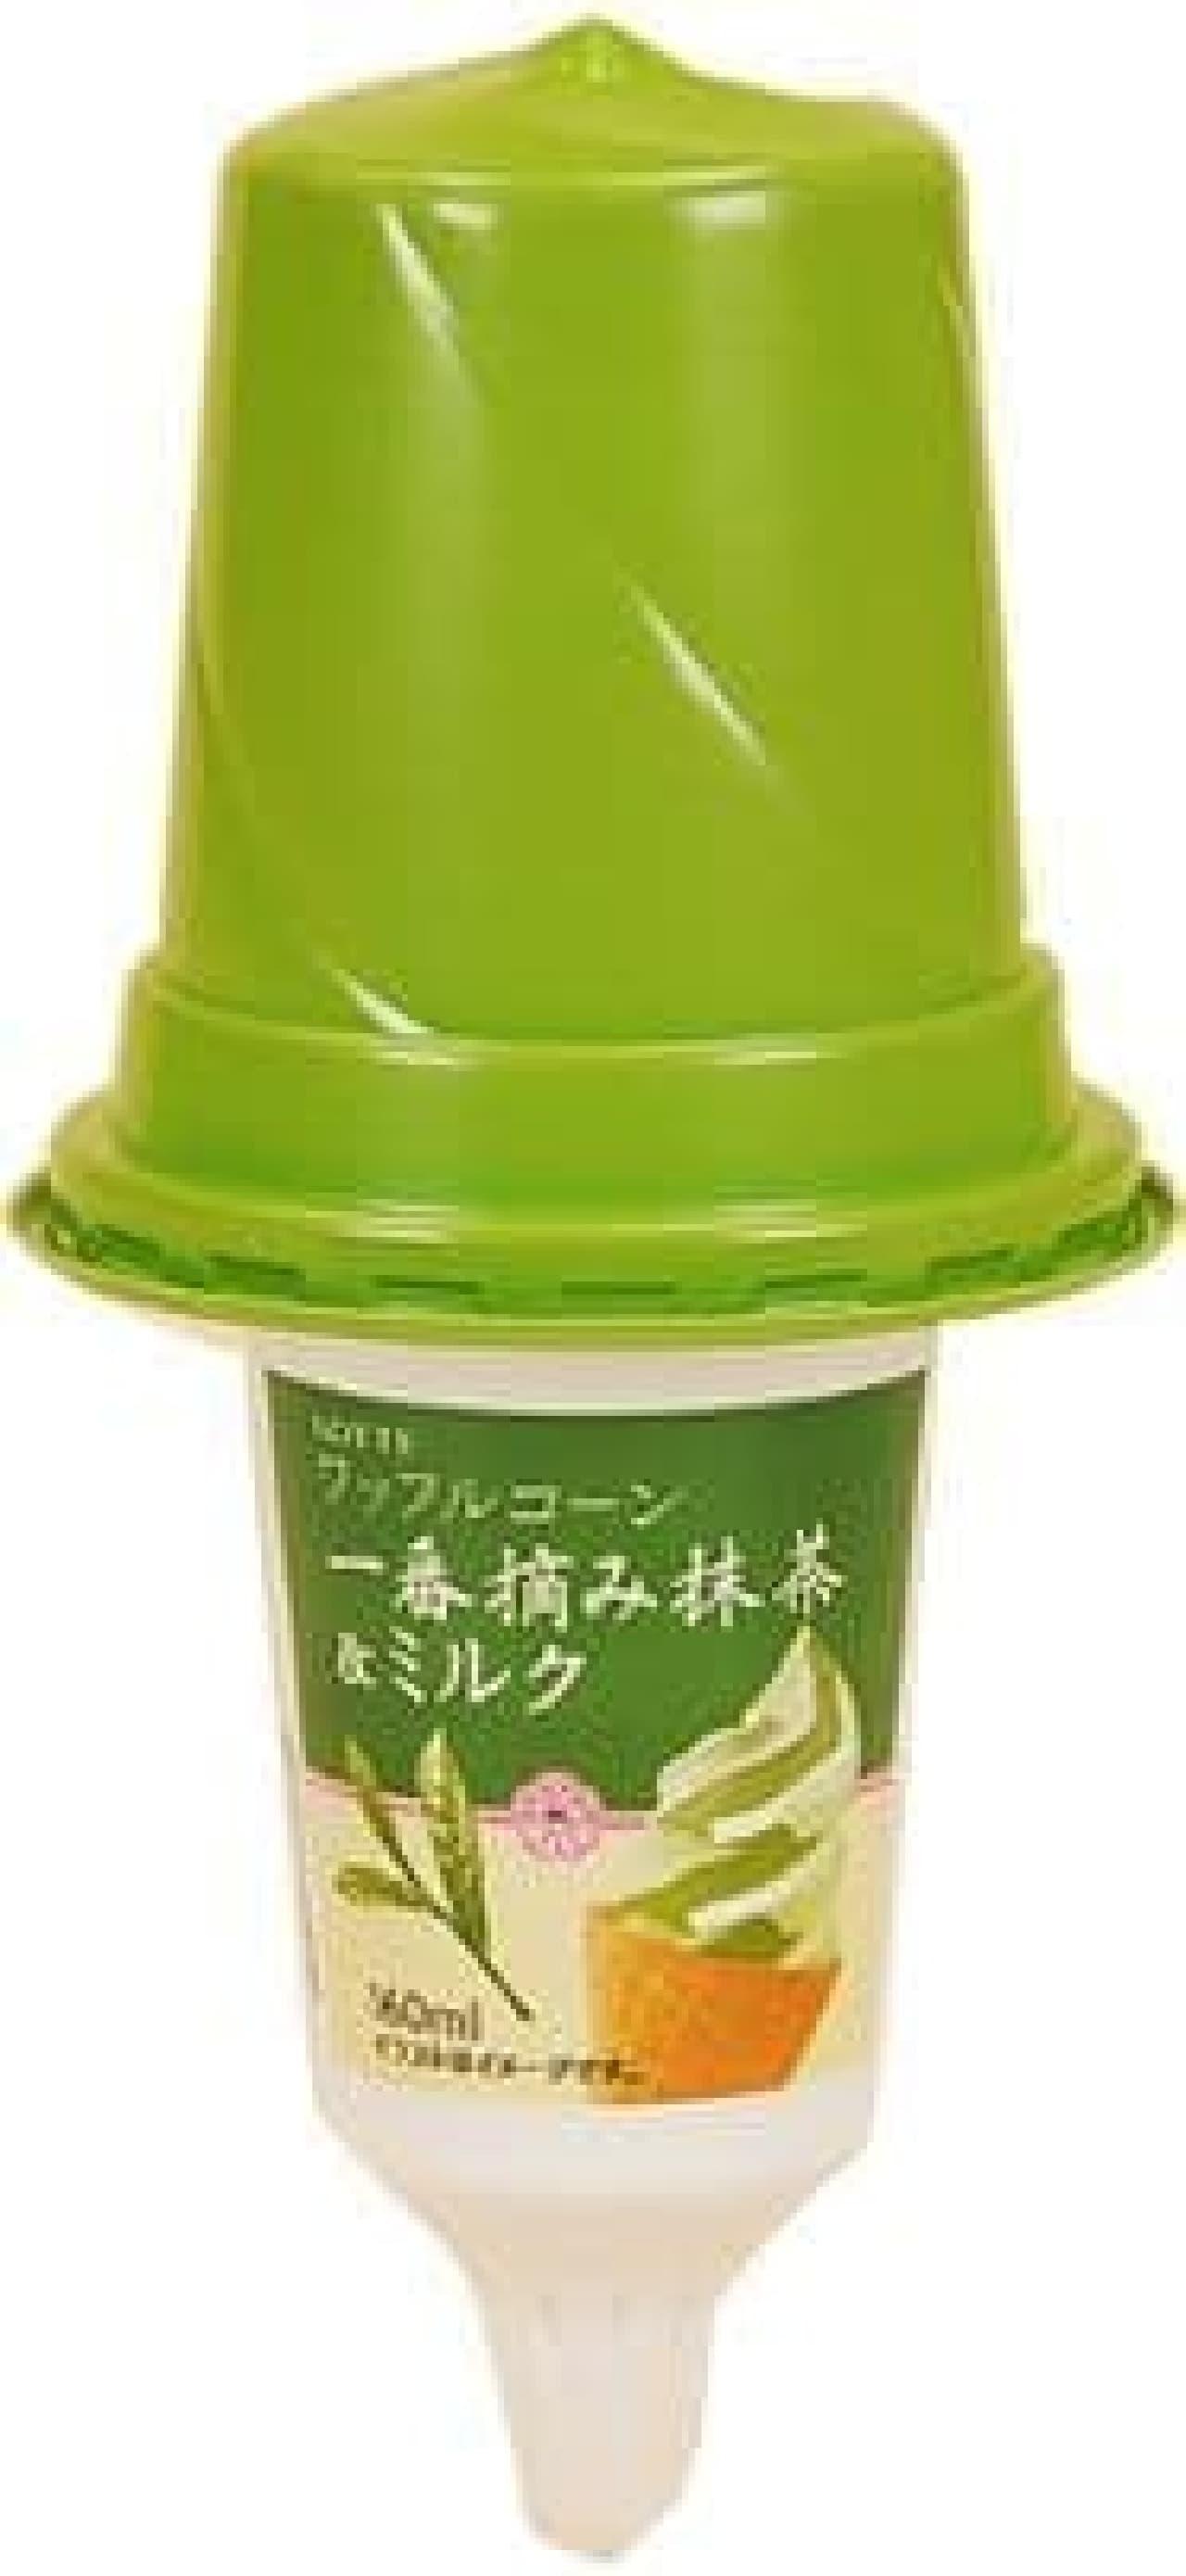 ファミリーマート「ロッテ ワッフルコーン 一番摘み抹茶&ミルク」